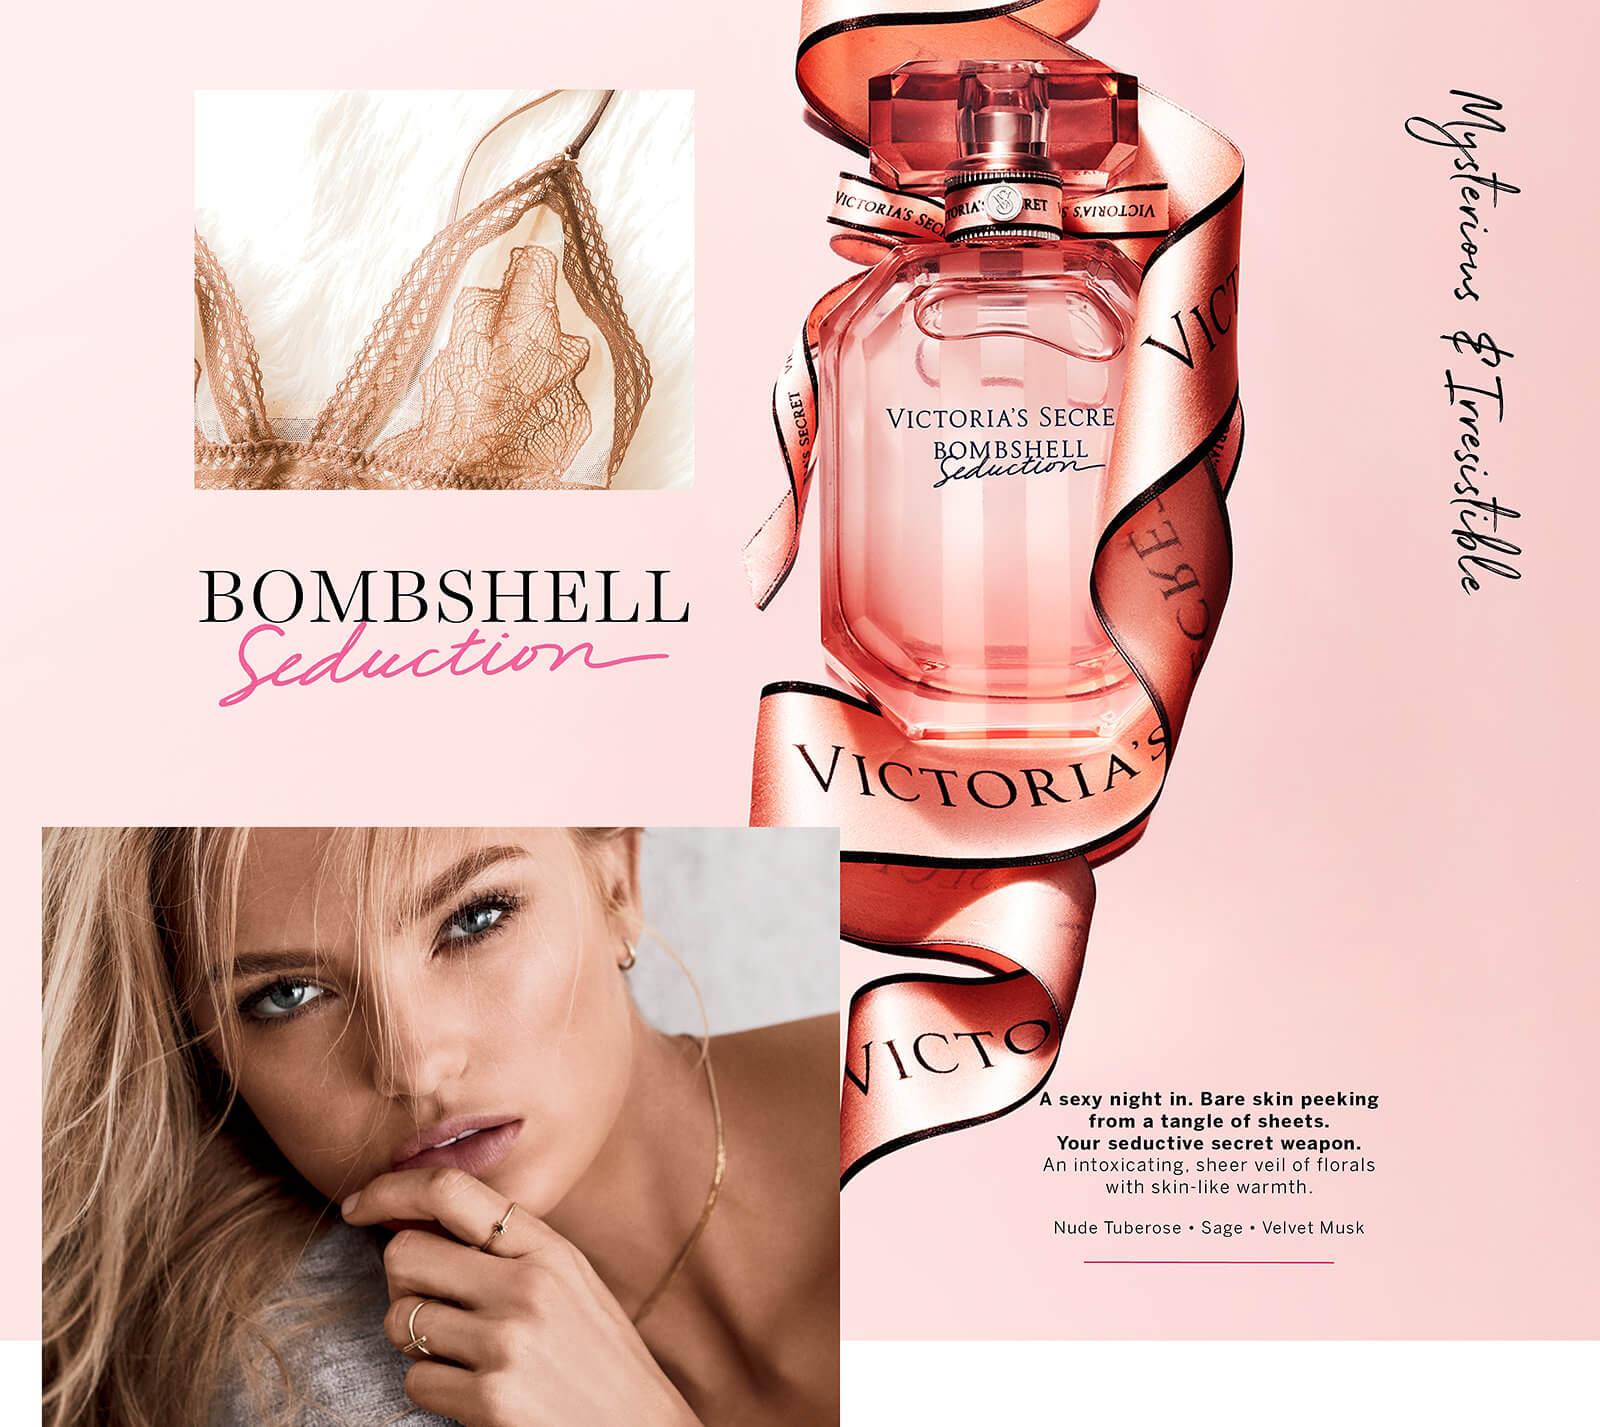 1-nuoc_hoa_victoria_s_secret_bombshell_seduction_eau_de_parfu_e5396ae37b7c47ea90b2b0e59625b5ef